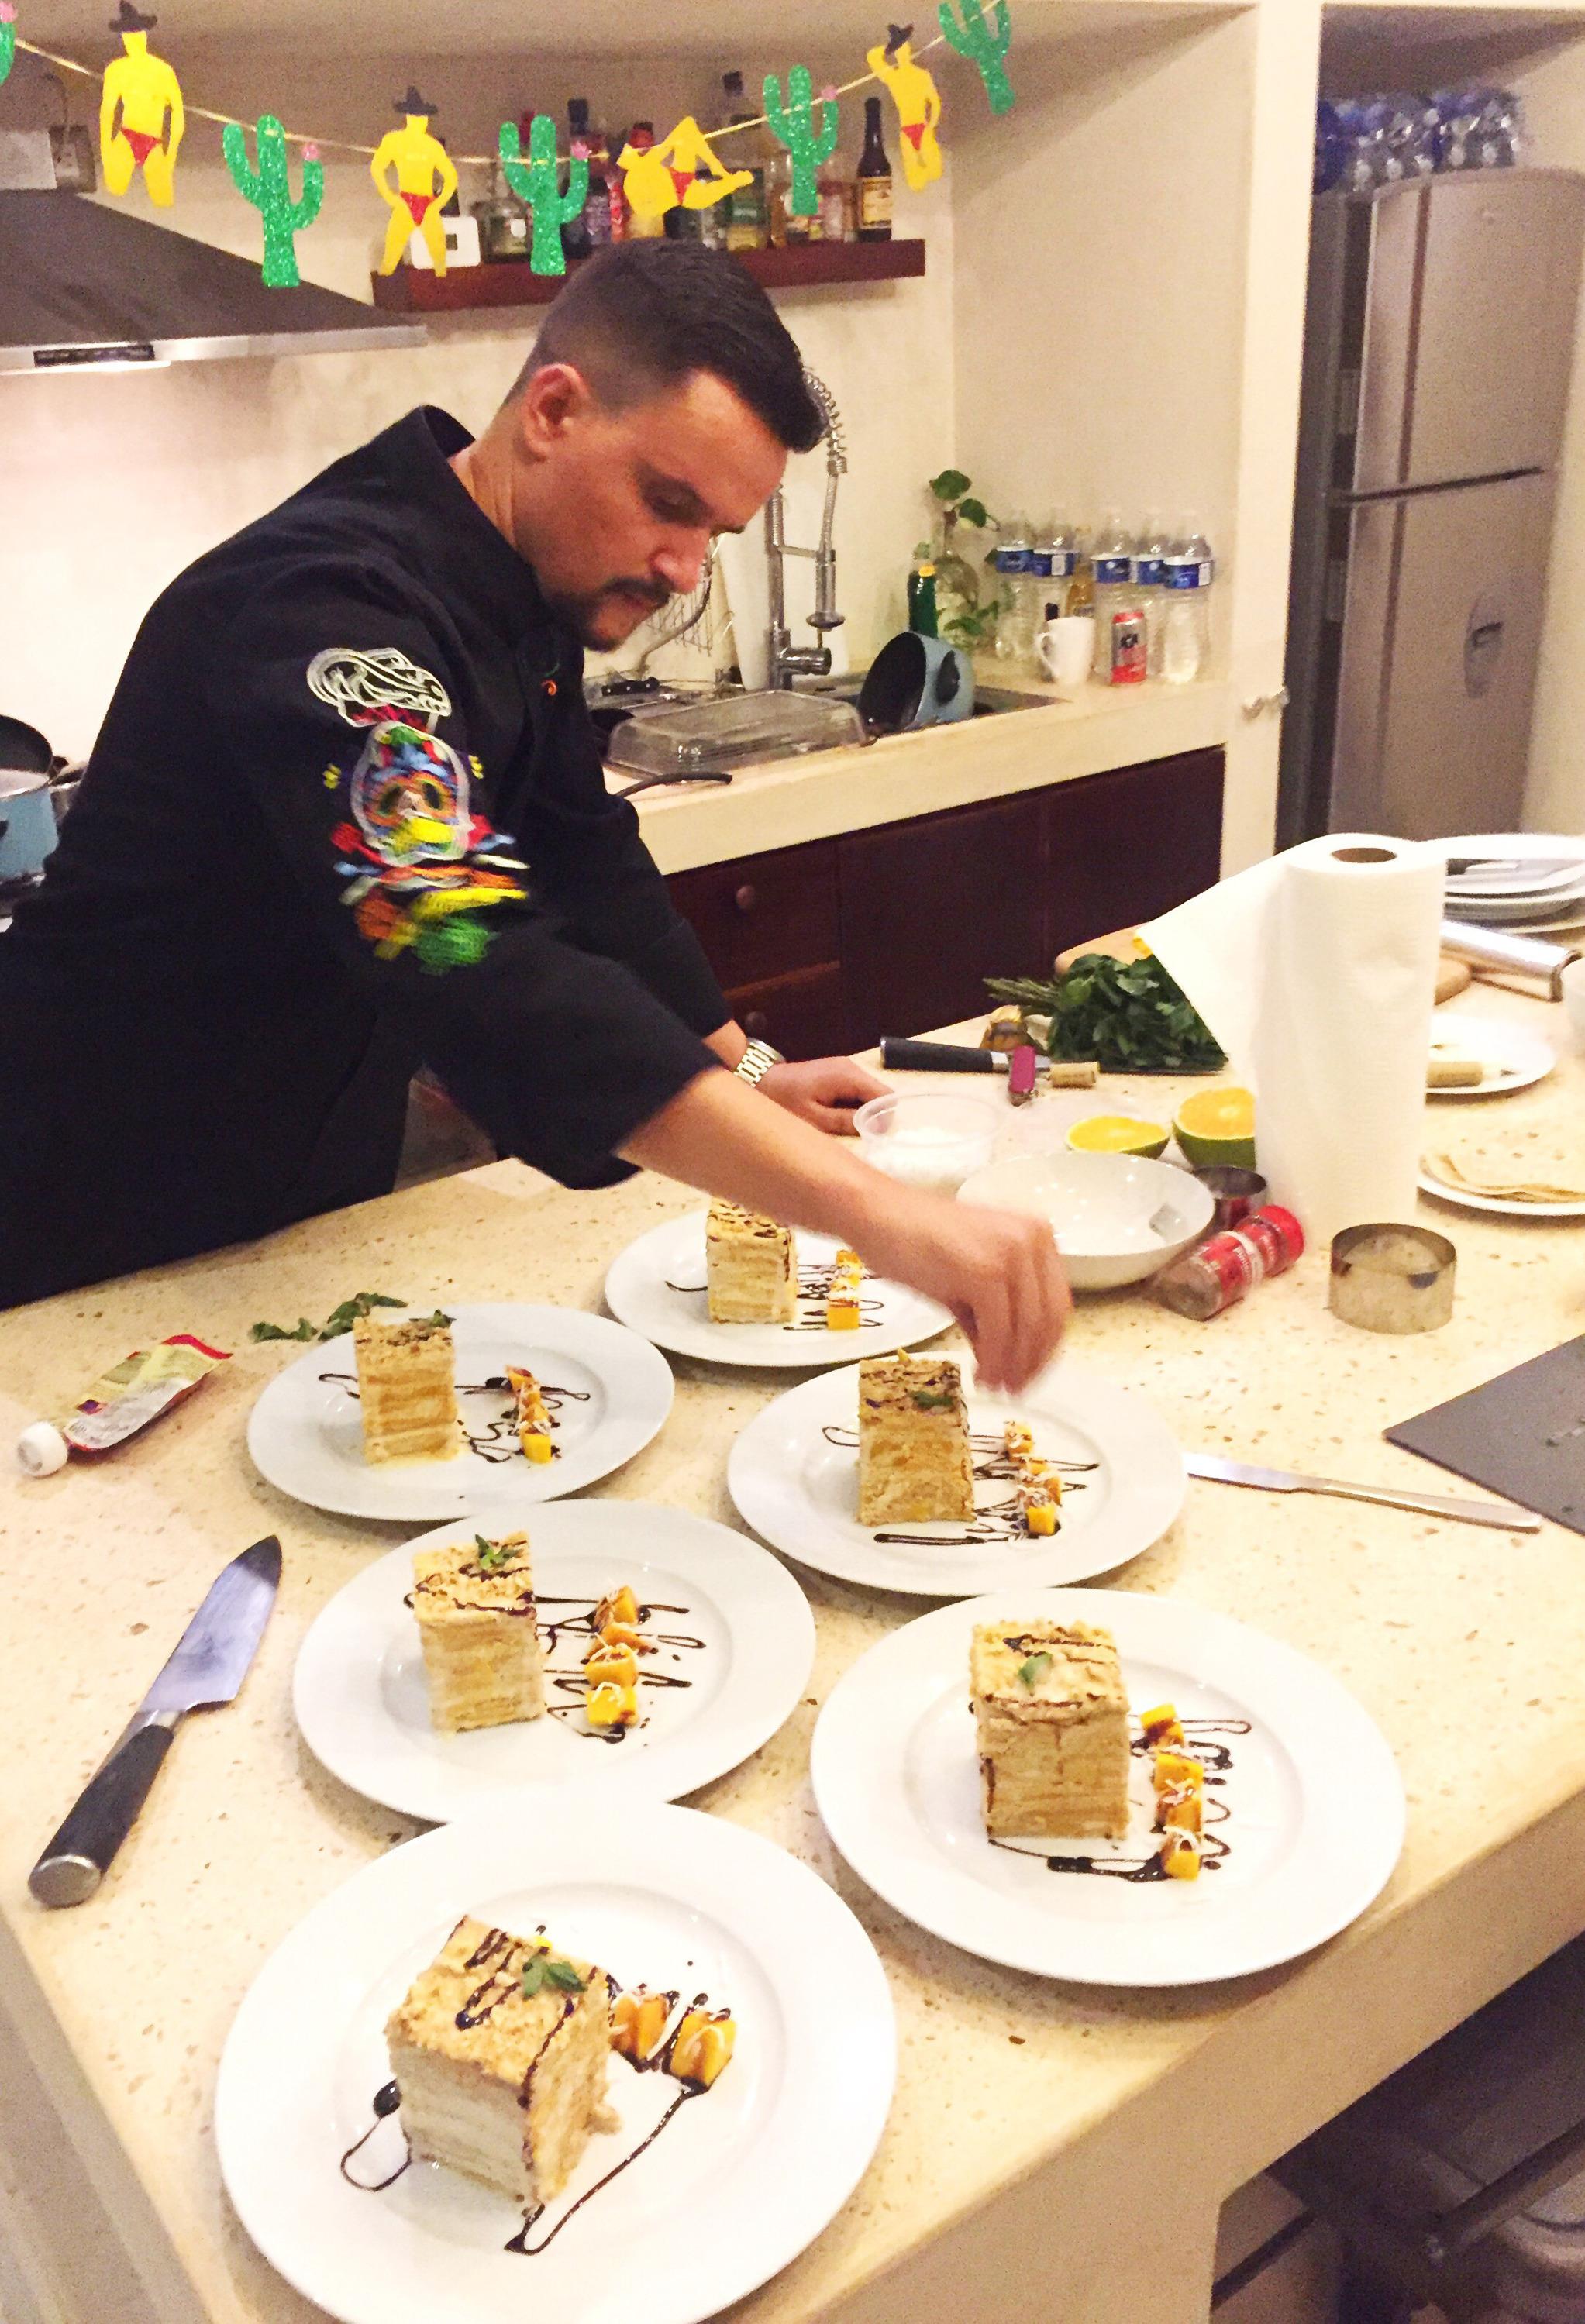 Сейчас прайвет-шеф кормит завтраками-обедами-ужинами американцев, канадцев, русскую пару из Лондона и пару поляков из Швейцарии, которые живут в Мексике на вилле